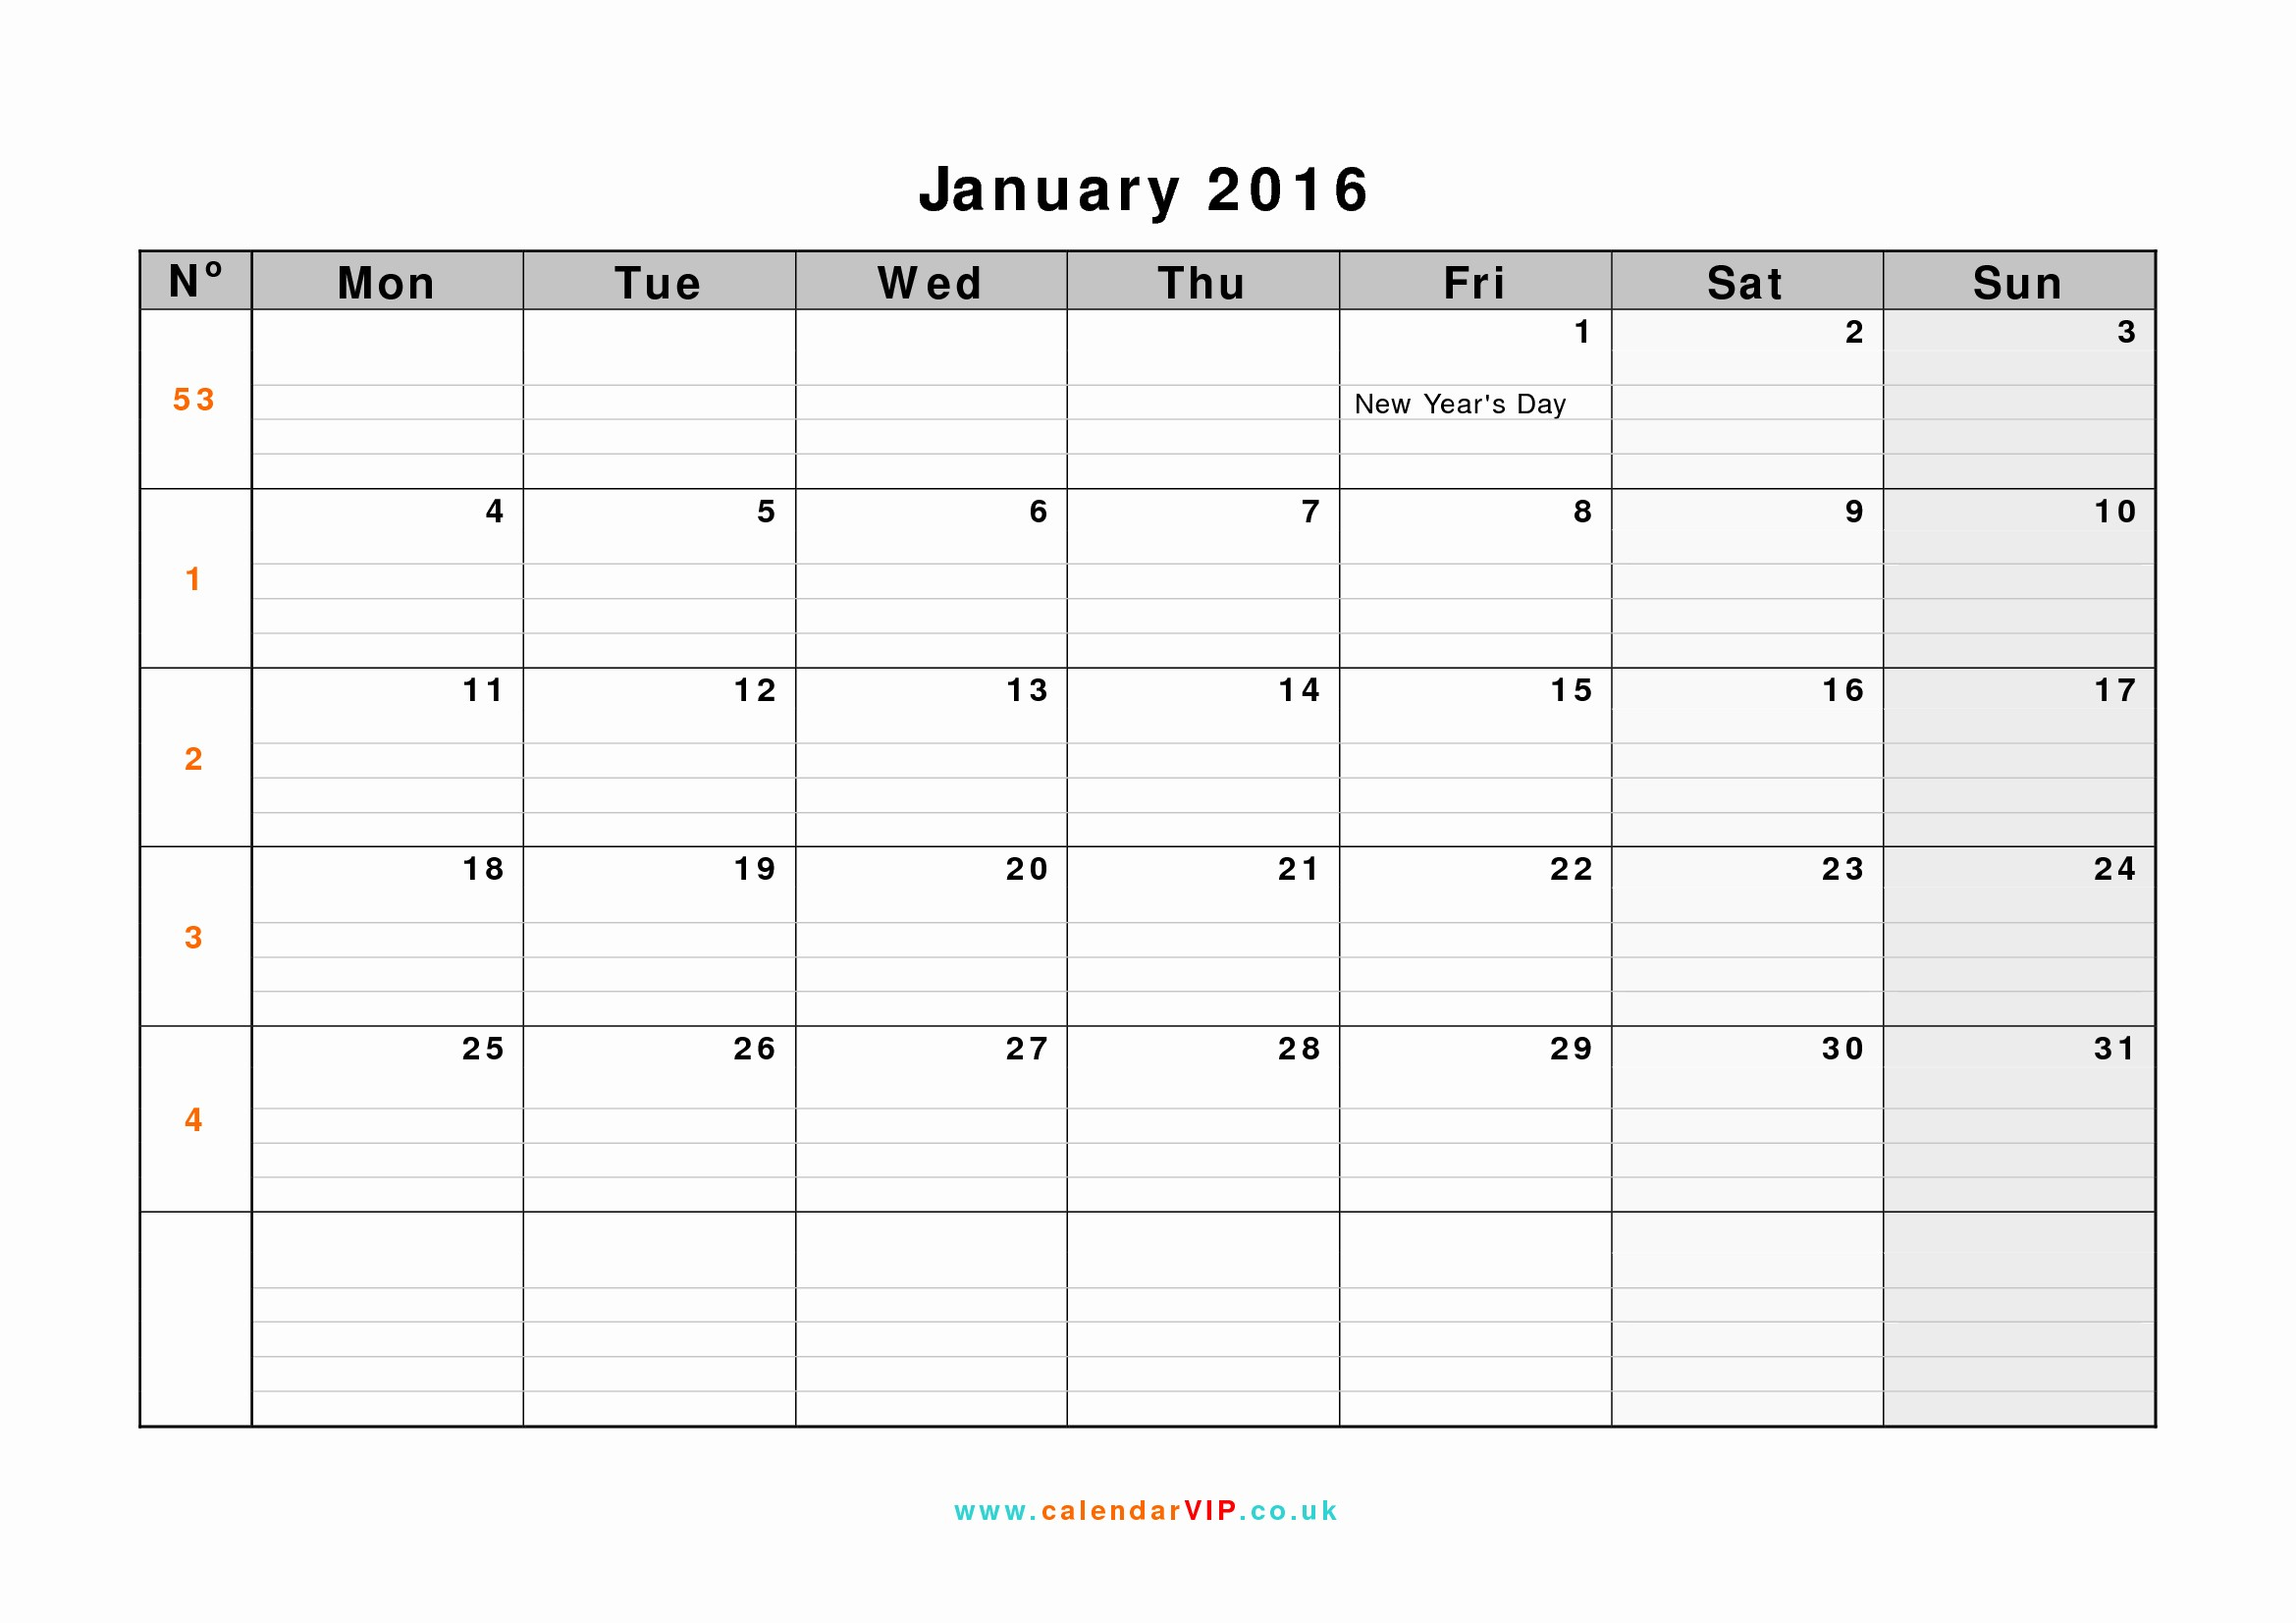 January 2016 Calendar Template Word Inspirational January 2016 Calendar Free Monthly Calendar Templates for Uk